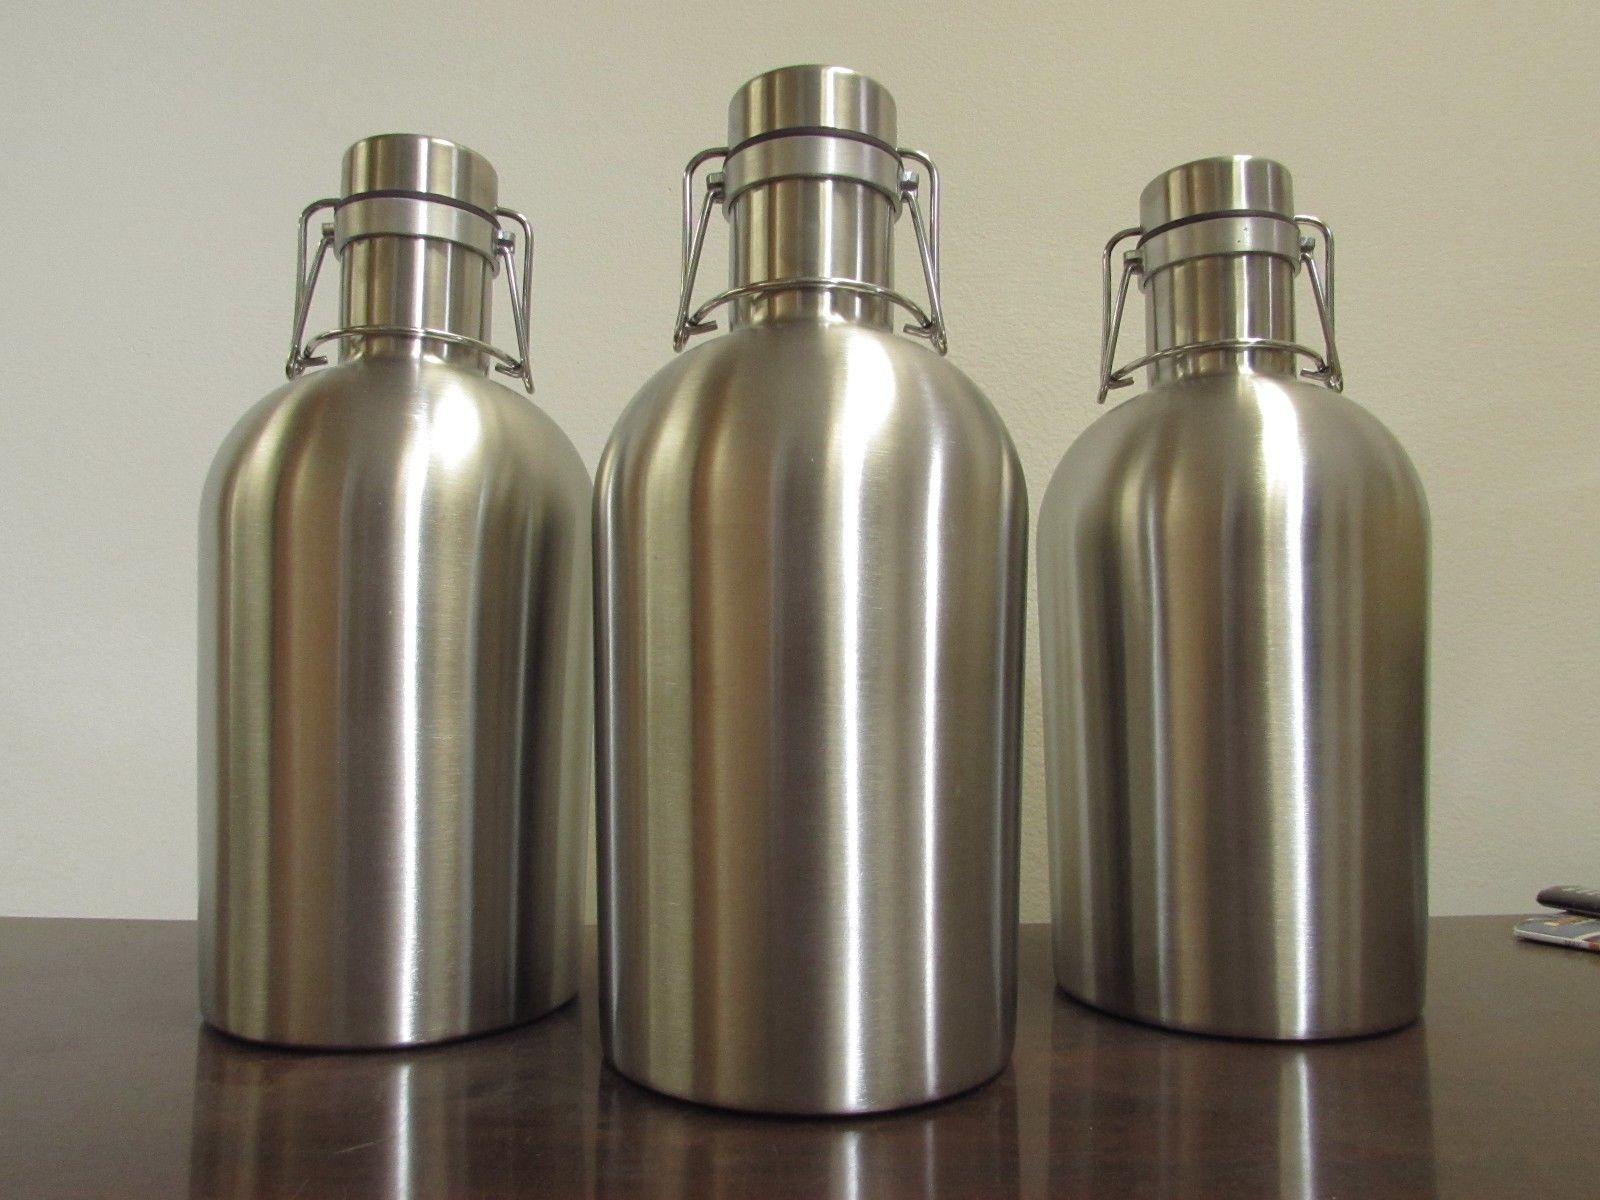 CASE OF 6- STAINLESS STEEL 64 Oz Beer Growlers - Craft Beer Flip Top Bottle